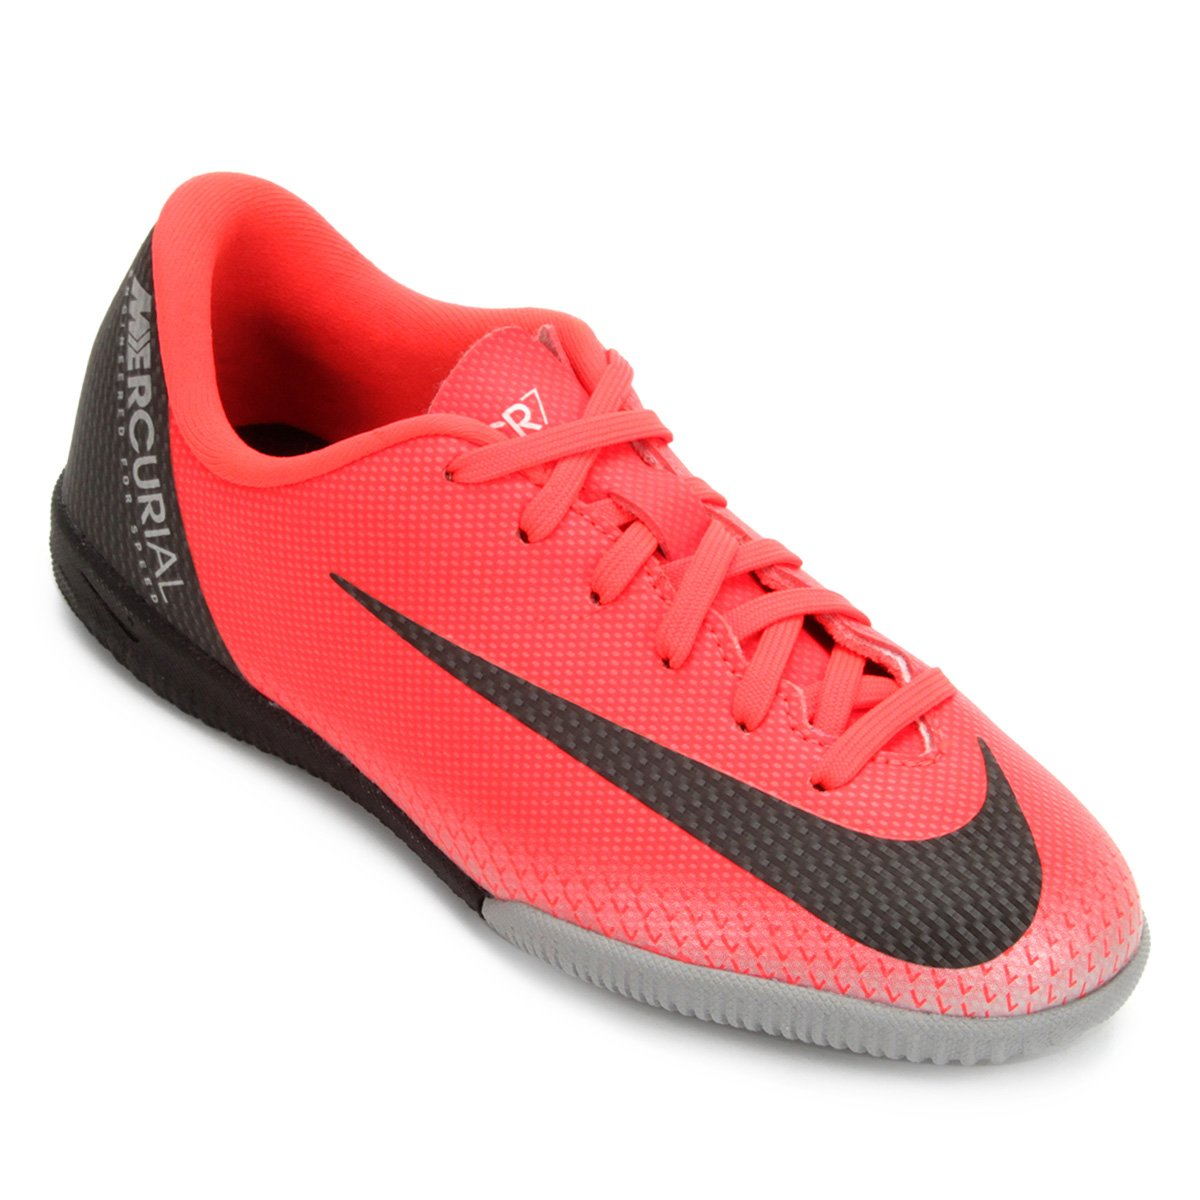 26fef24296267 Chuteira Futsal Infantil Nike Mercurial Vapor 12 Academy GS CR7 IC -  Vermelho e Cinza - Compre Agora